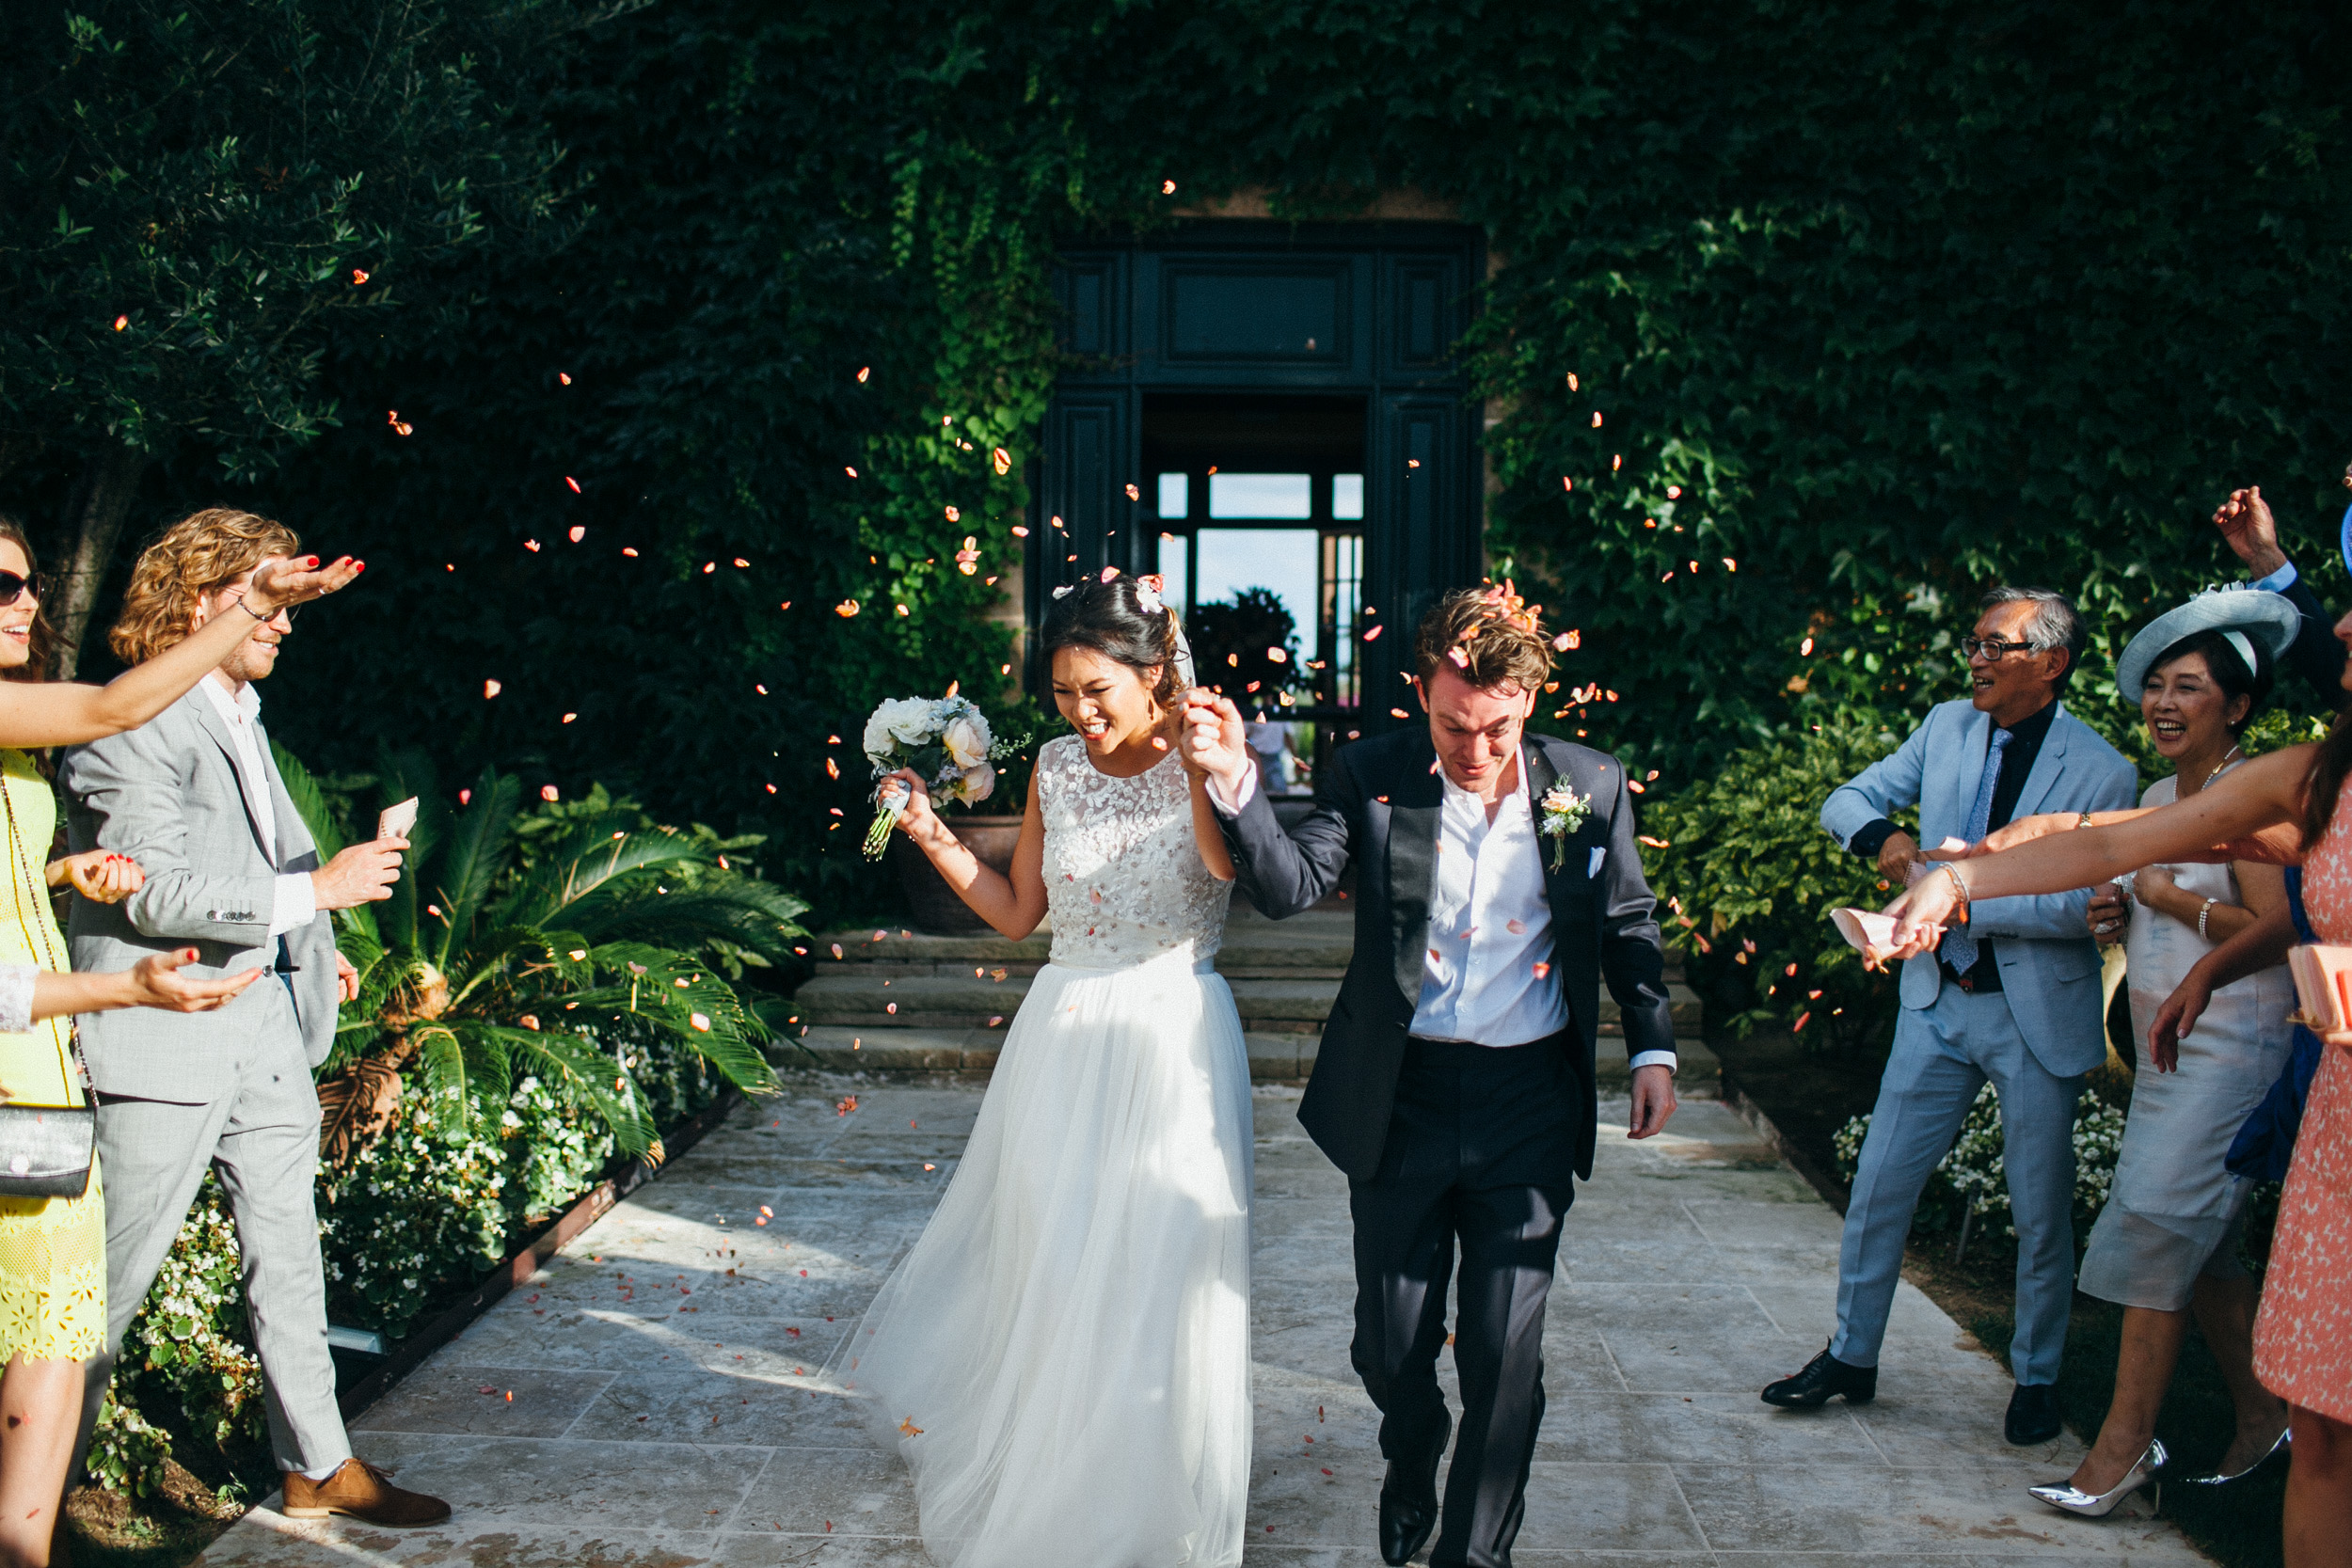 fotografos_boda_wedding_barcelona_valencia087.jpg